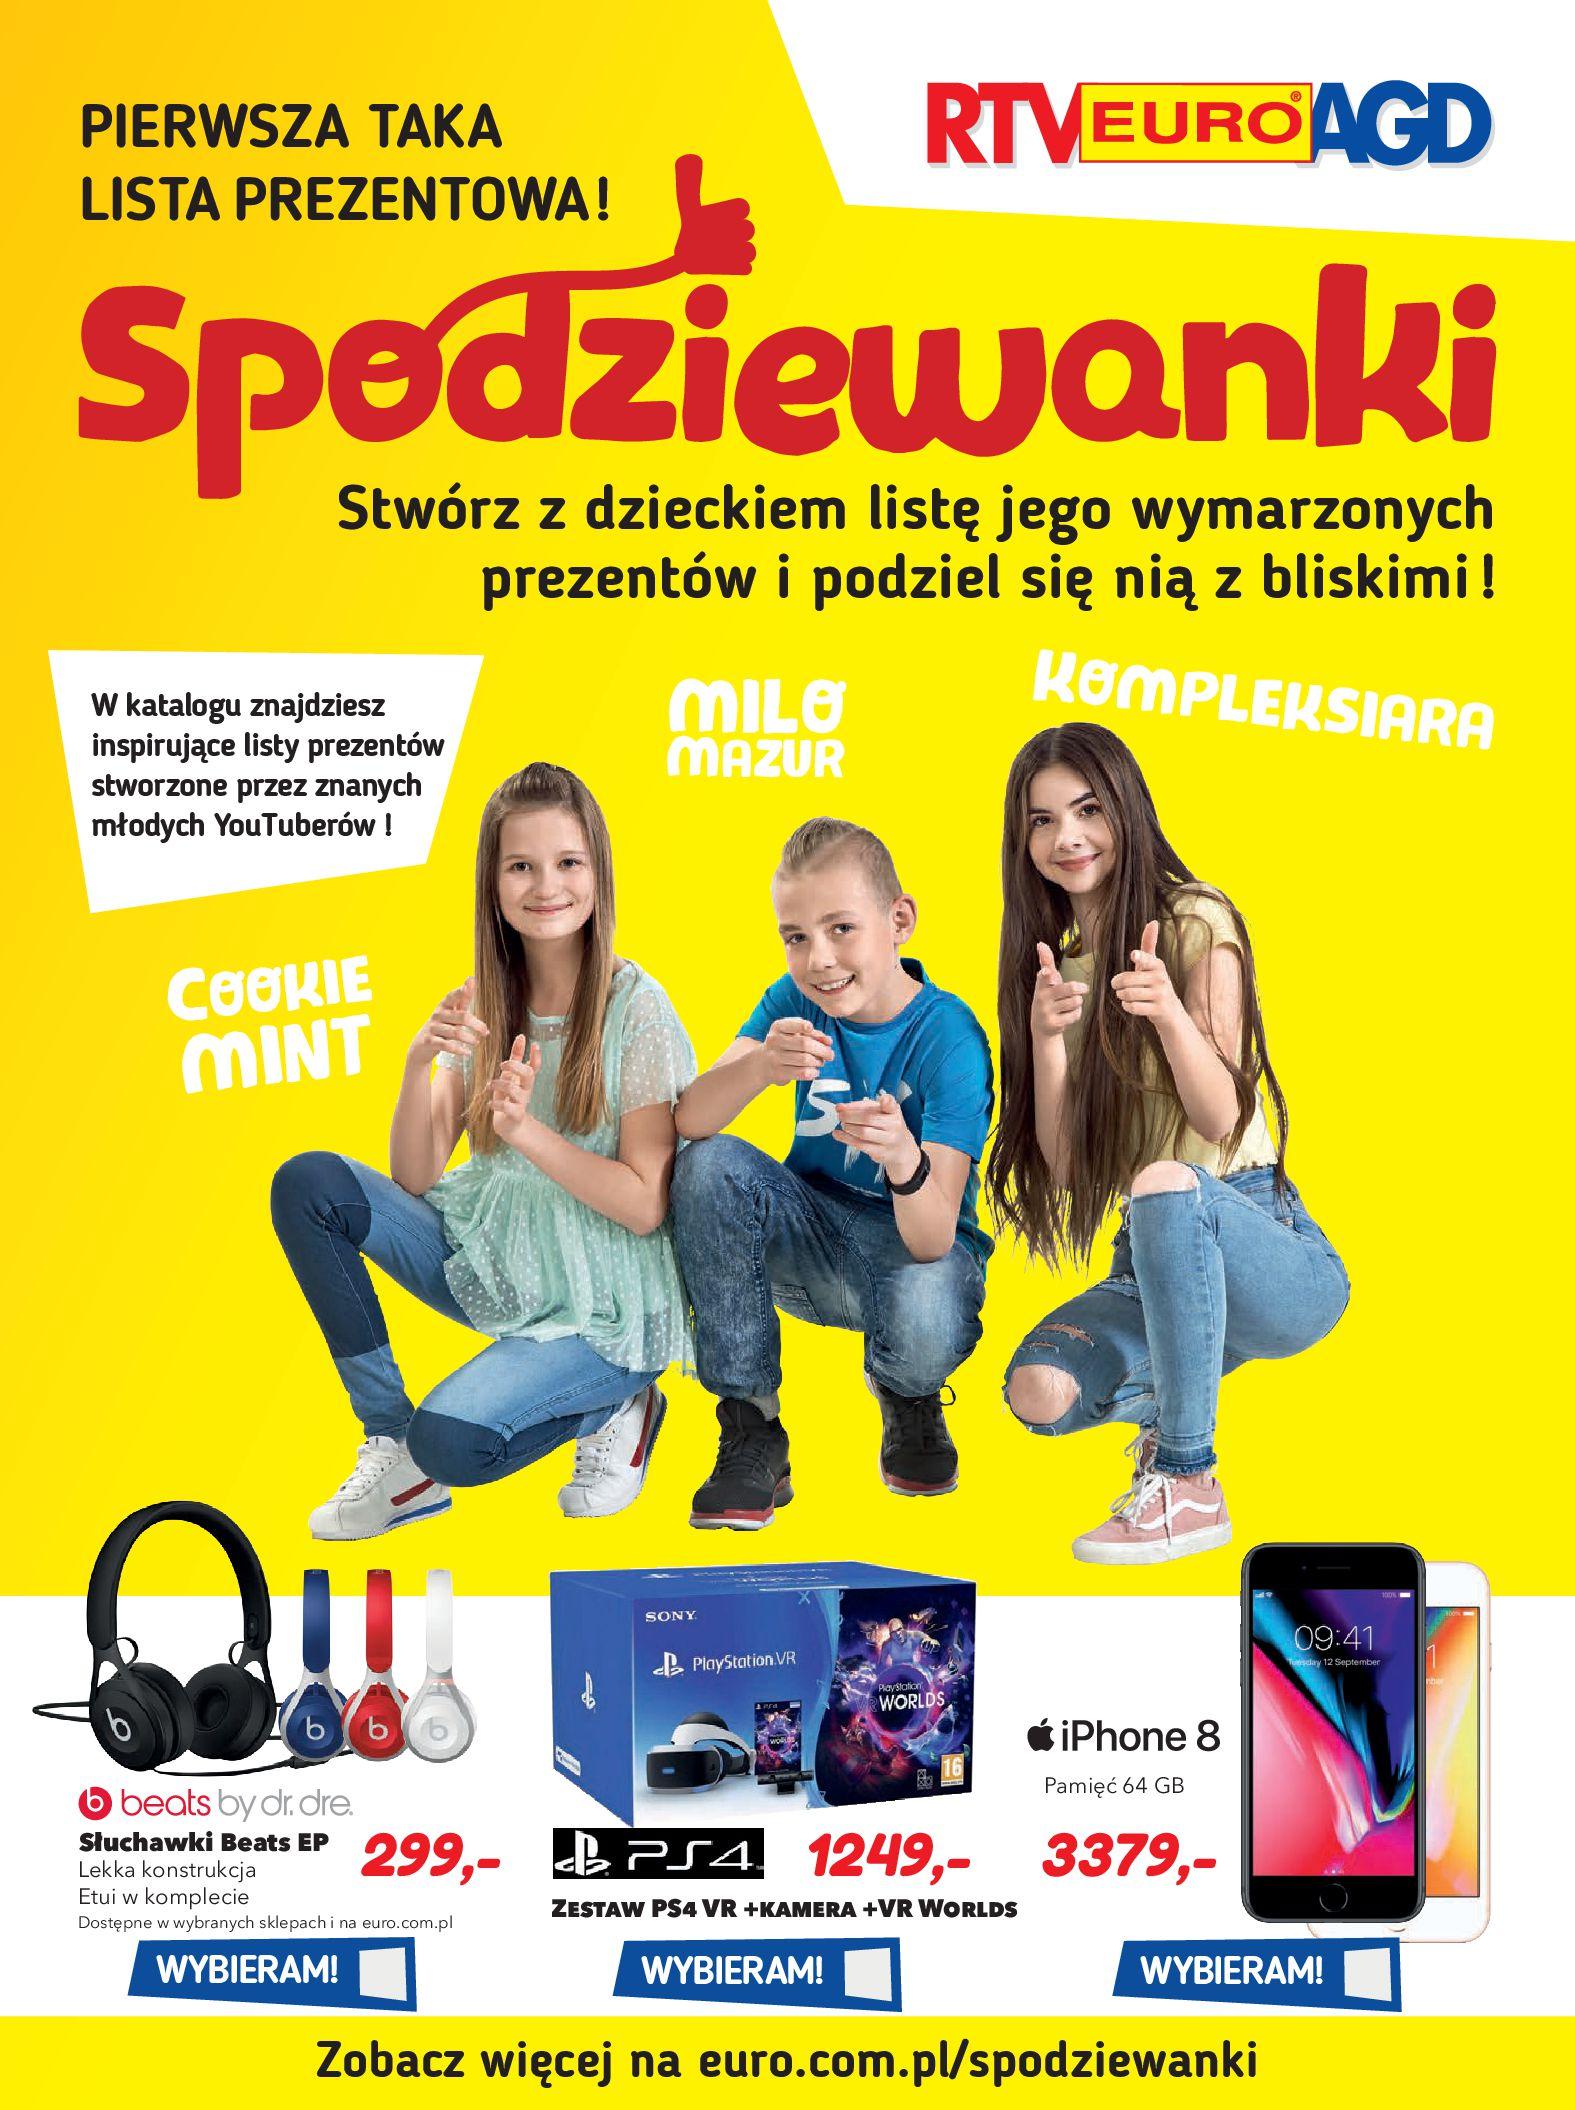 Gazetka RTV EURO AGD - Spodziewanki-24.04.2018-31.05.2018-page-